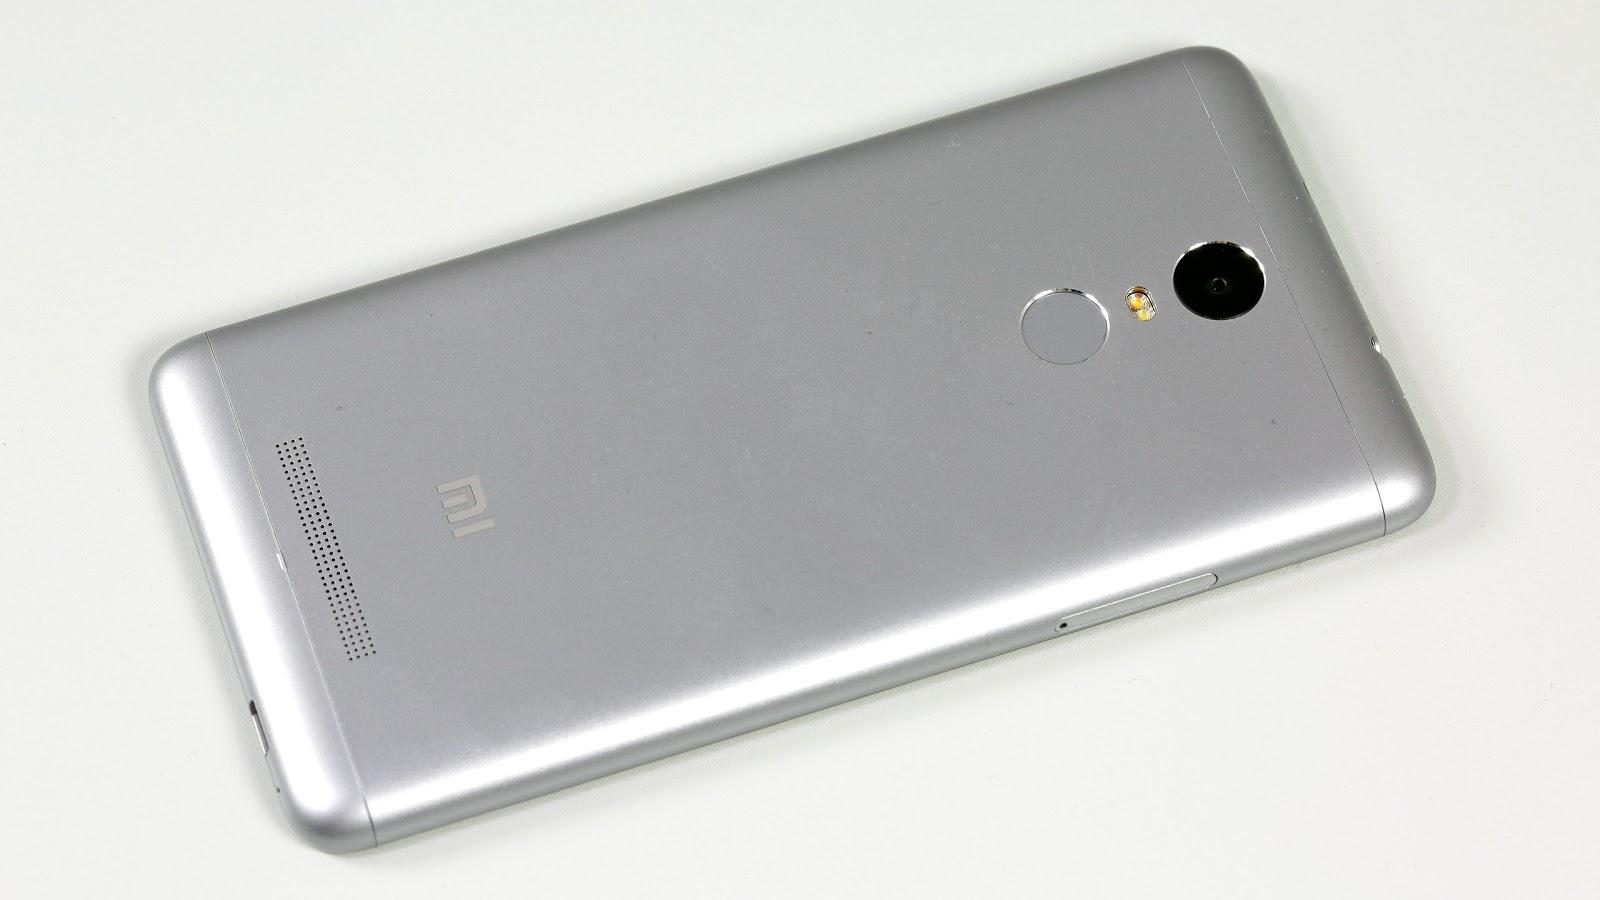 Взять в аренду ксиоми в владивосток держатель смартфона iphone (айфон) для диджиай spark